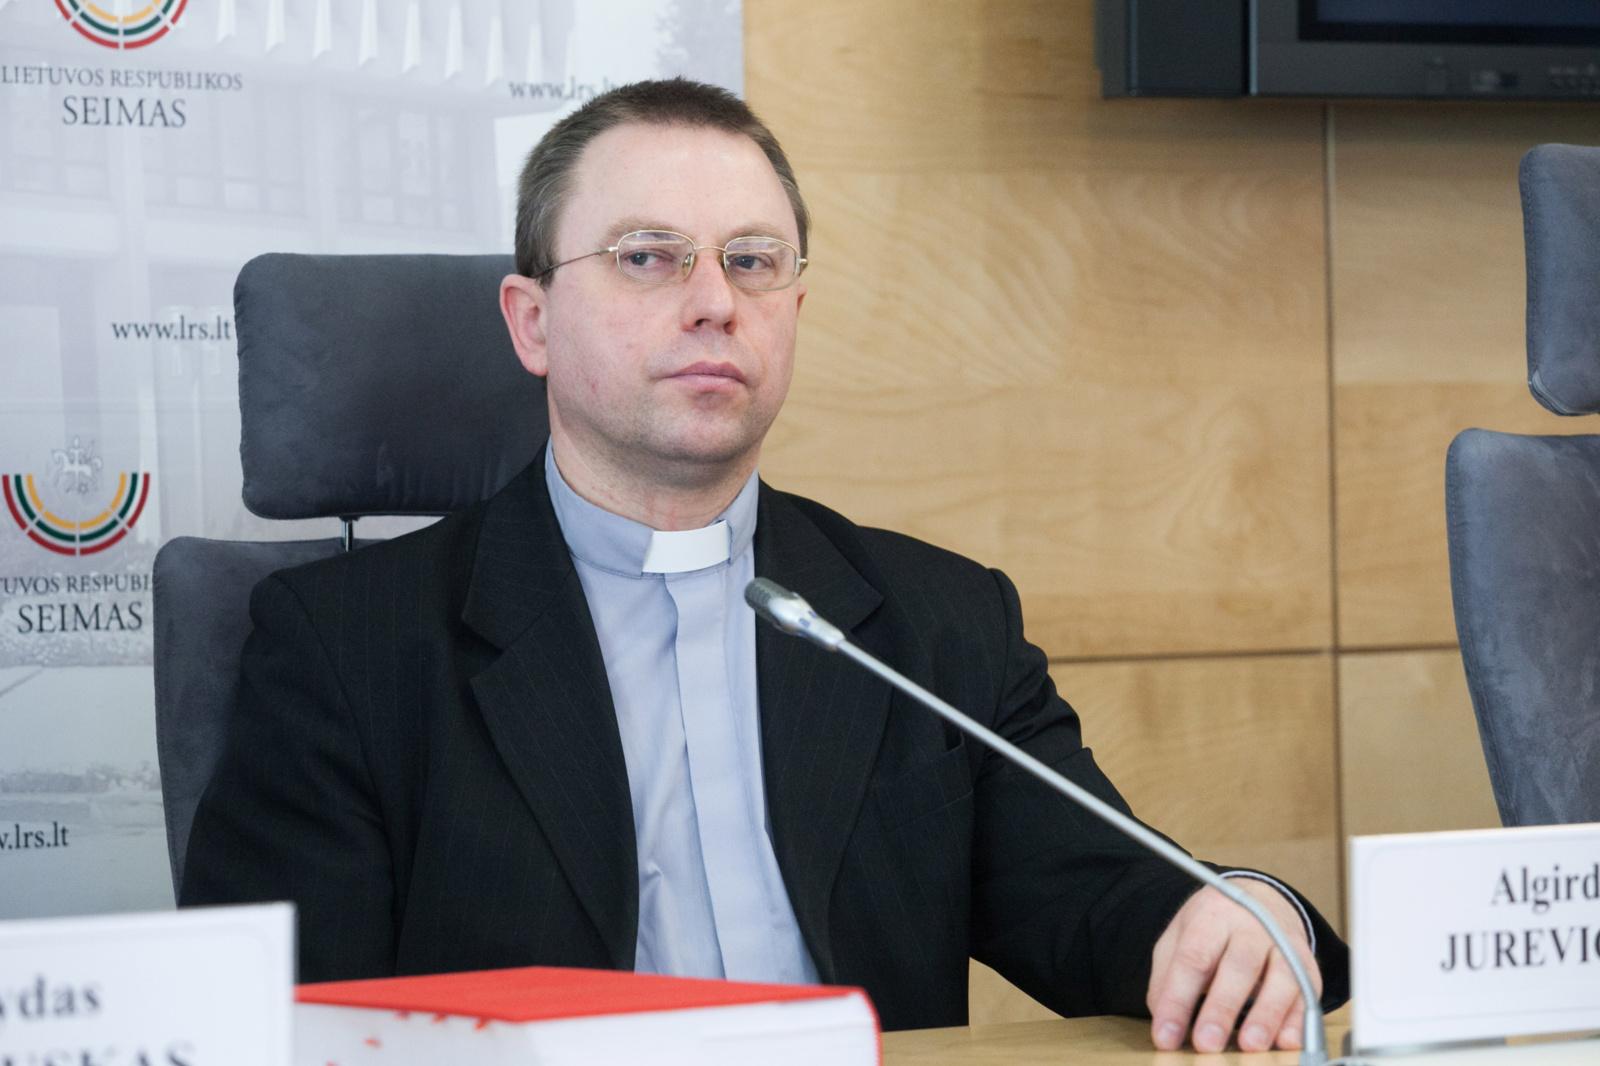 Į Telšių vyskupijos katedrą įžengs naujasis Telšių vyskupijos ganytojas vysk. A. Jurevičius